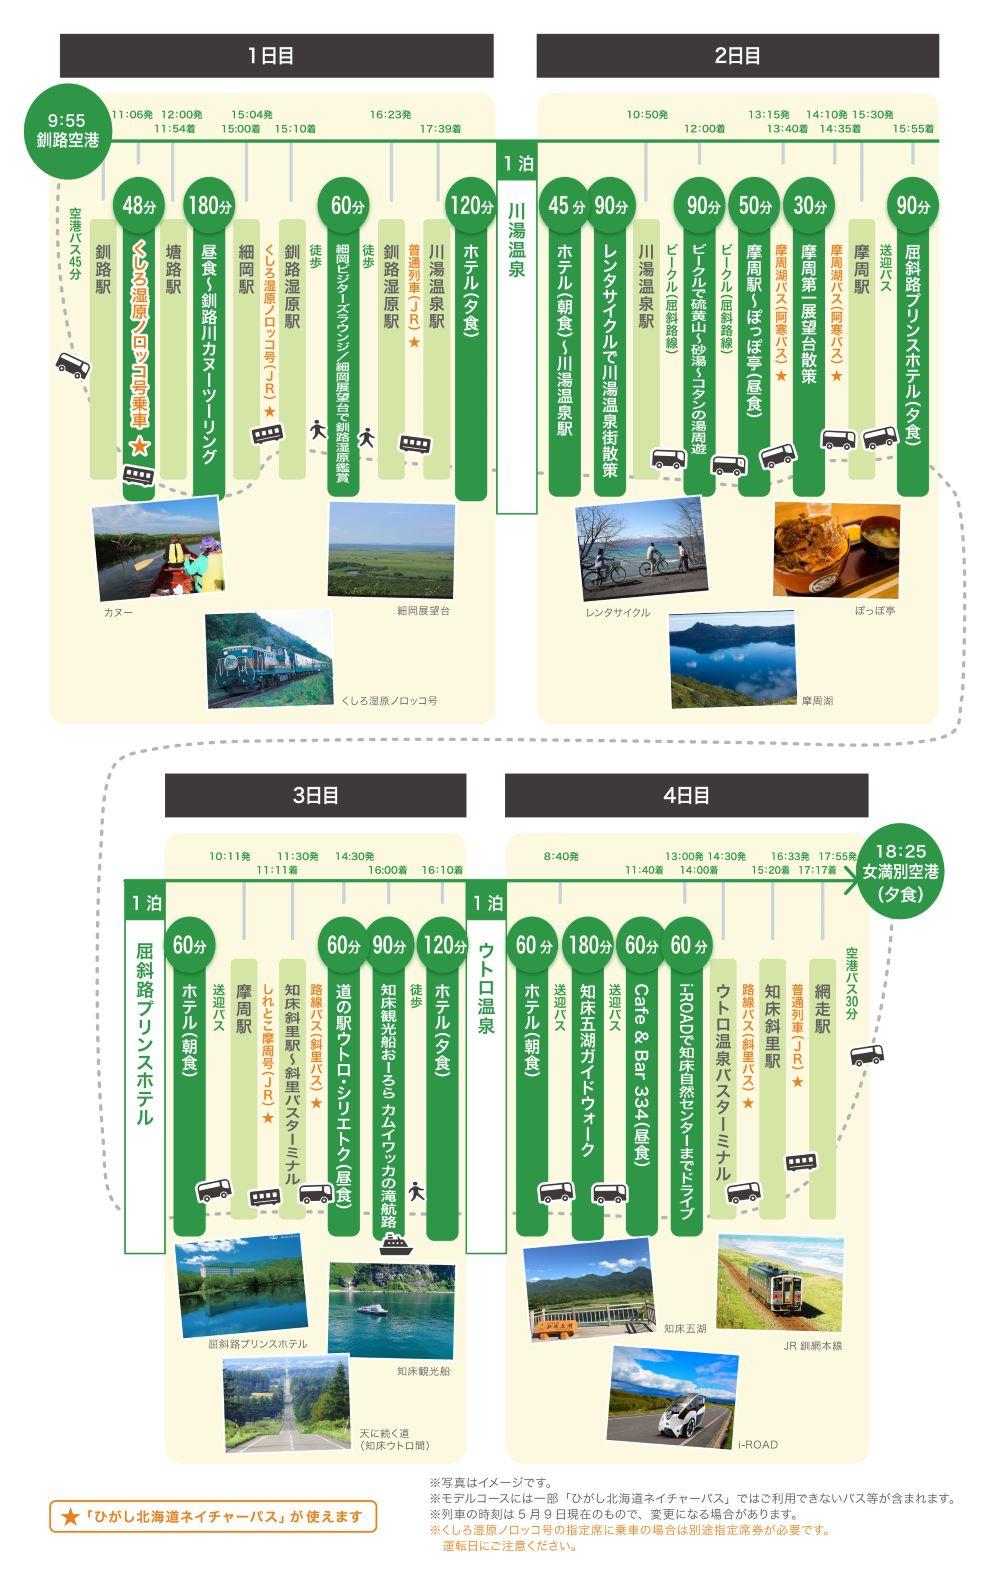 ひがし北海道ネイチャーパス08